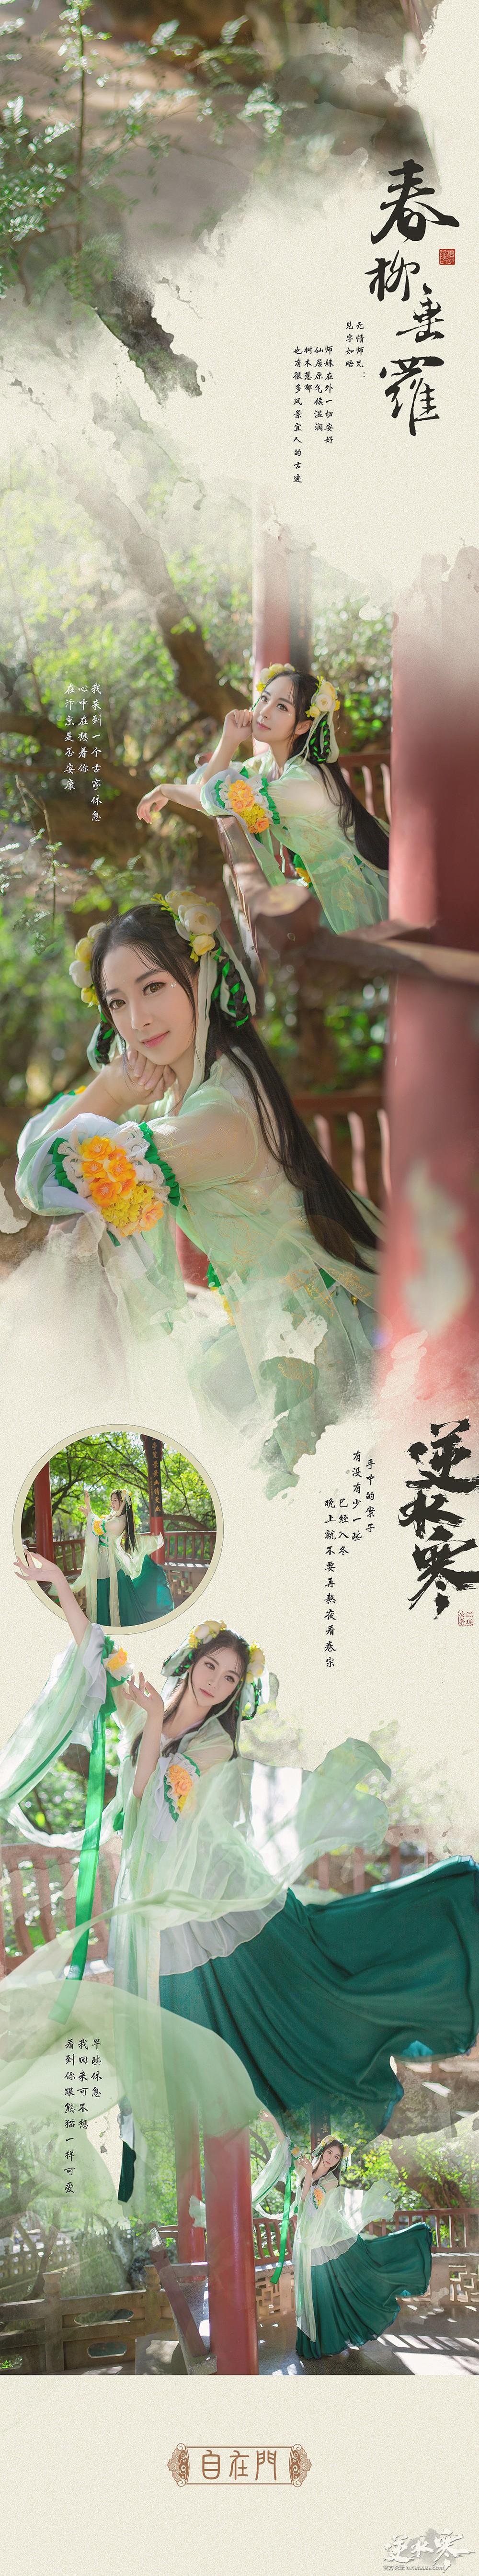 瑶音·春柳垂罗·给无情师兄的信cosplay【自在门】【cos】